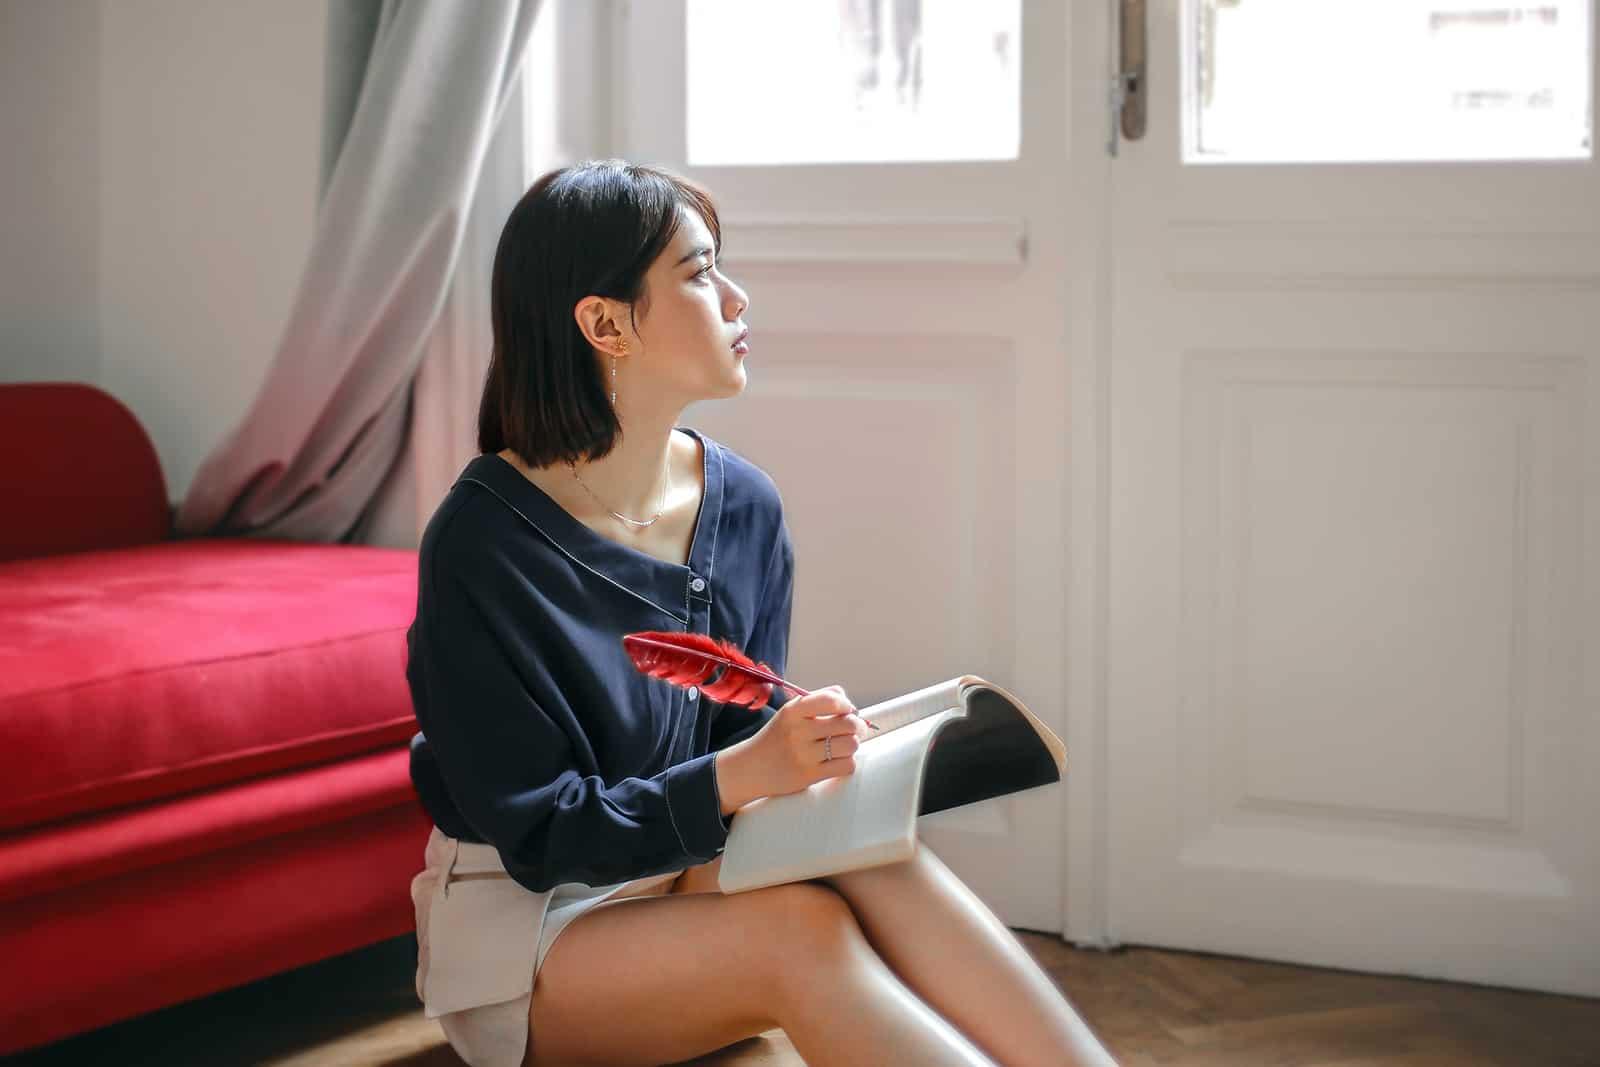 Eine nachdenkliche Frau, die in ein Notizbuch schreibt auf dem Boden sitzen